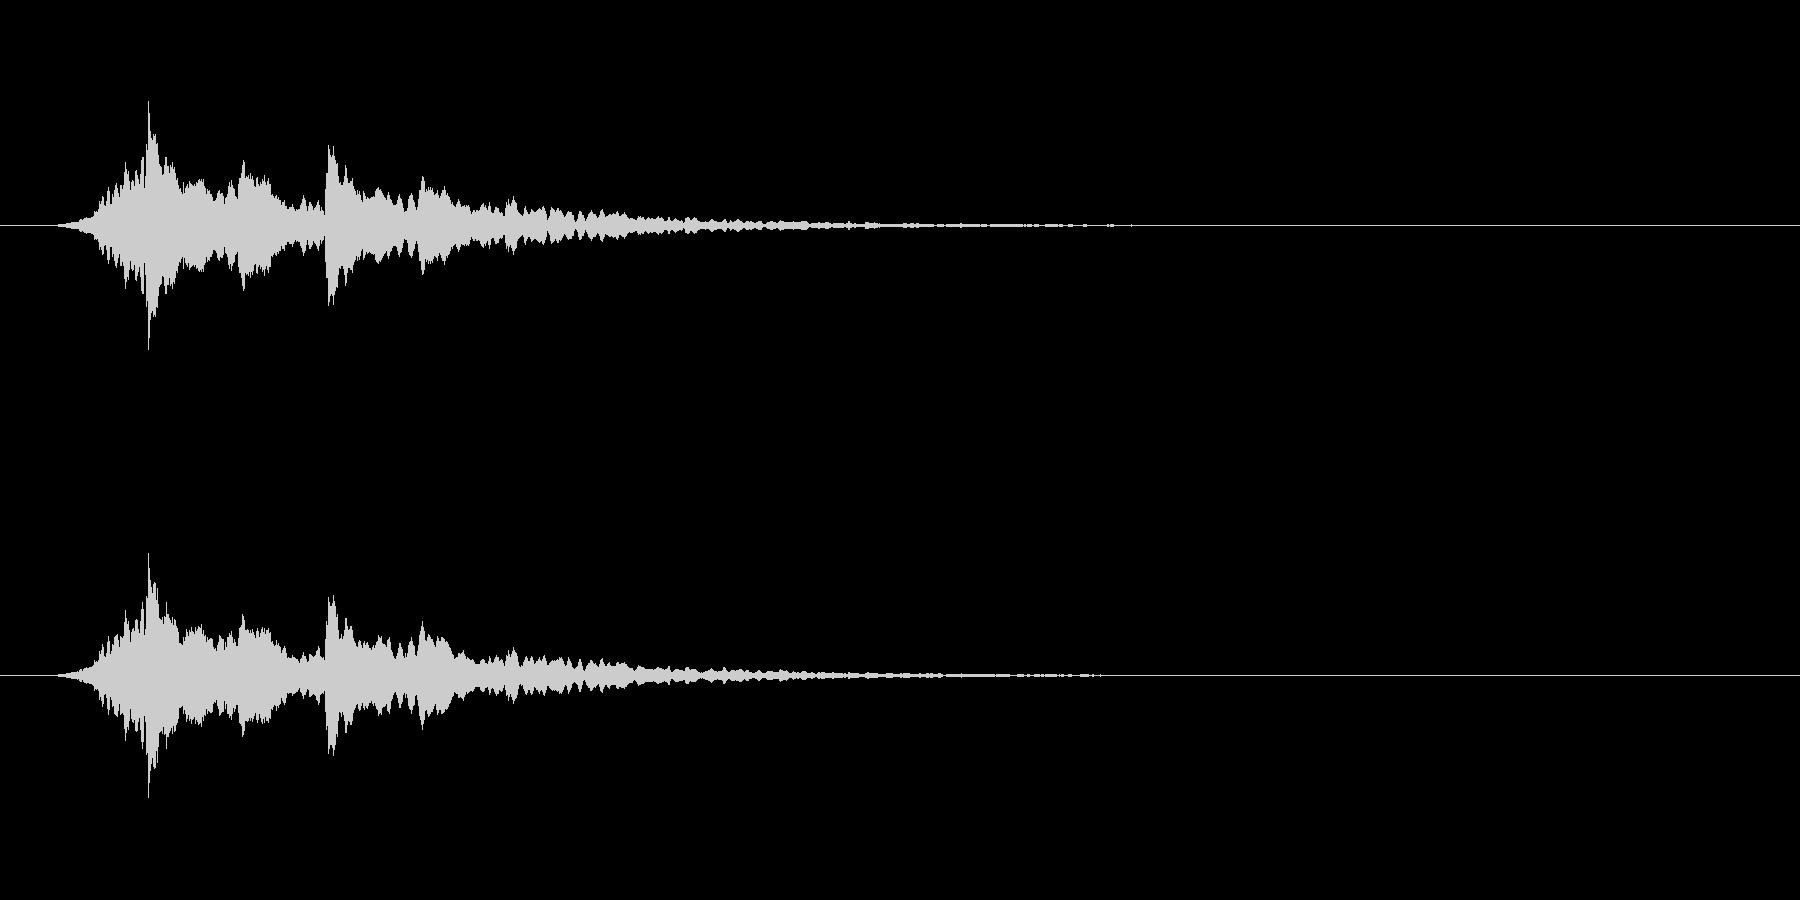 【アクセント12-5】の未再生の波形